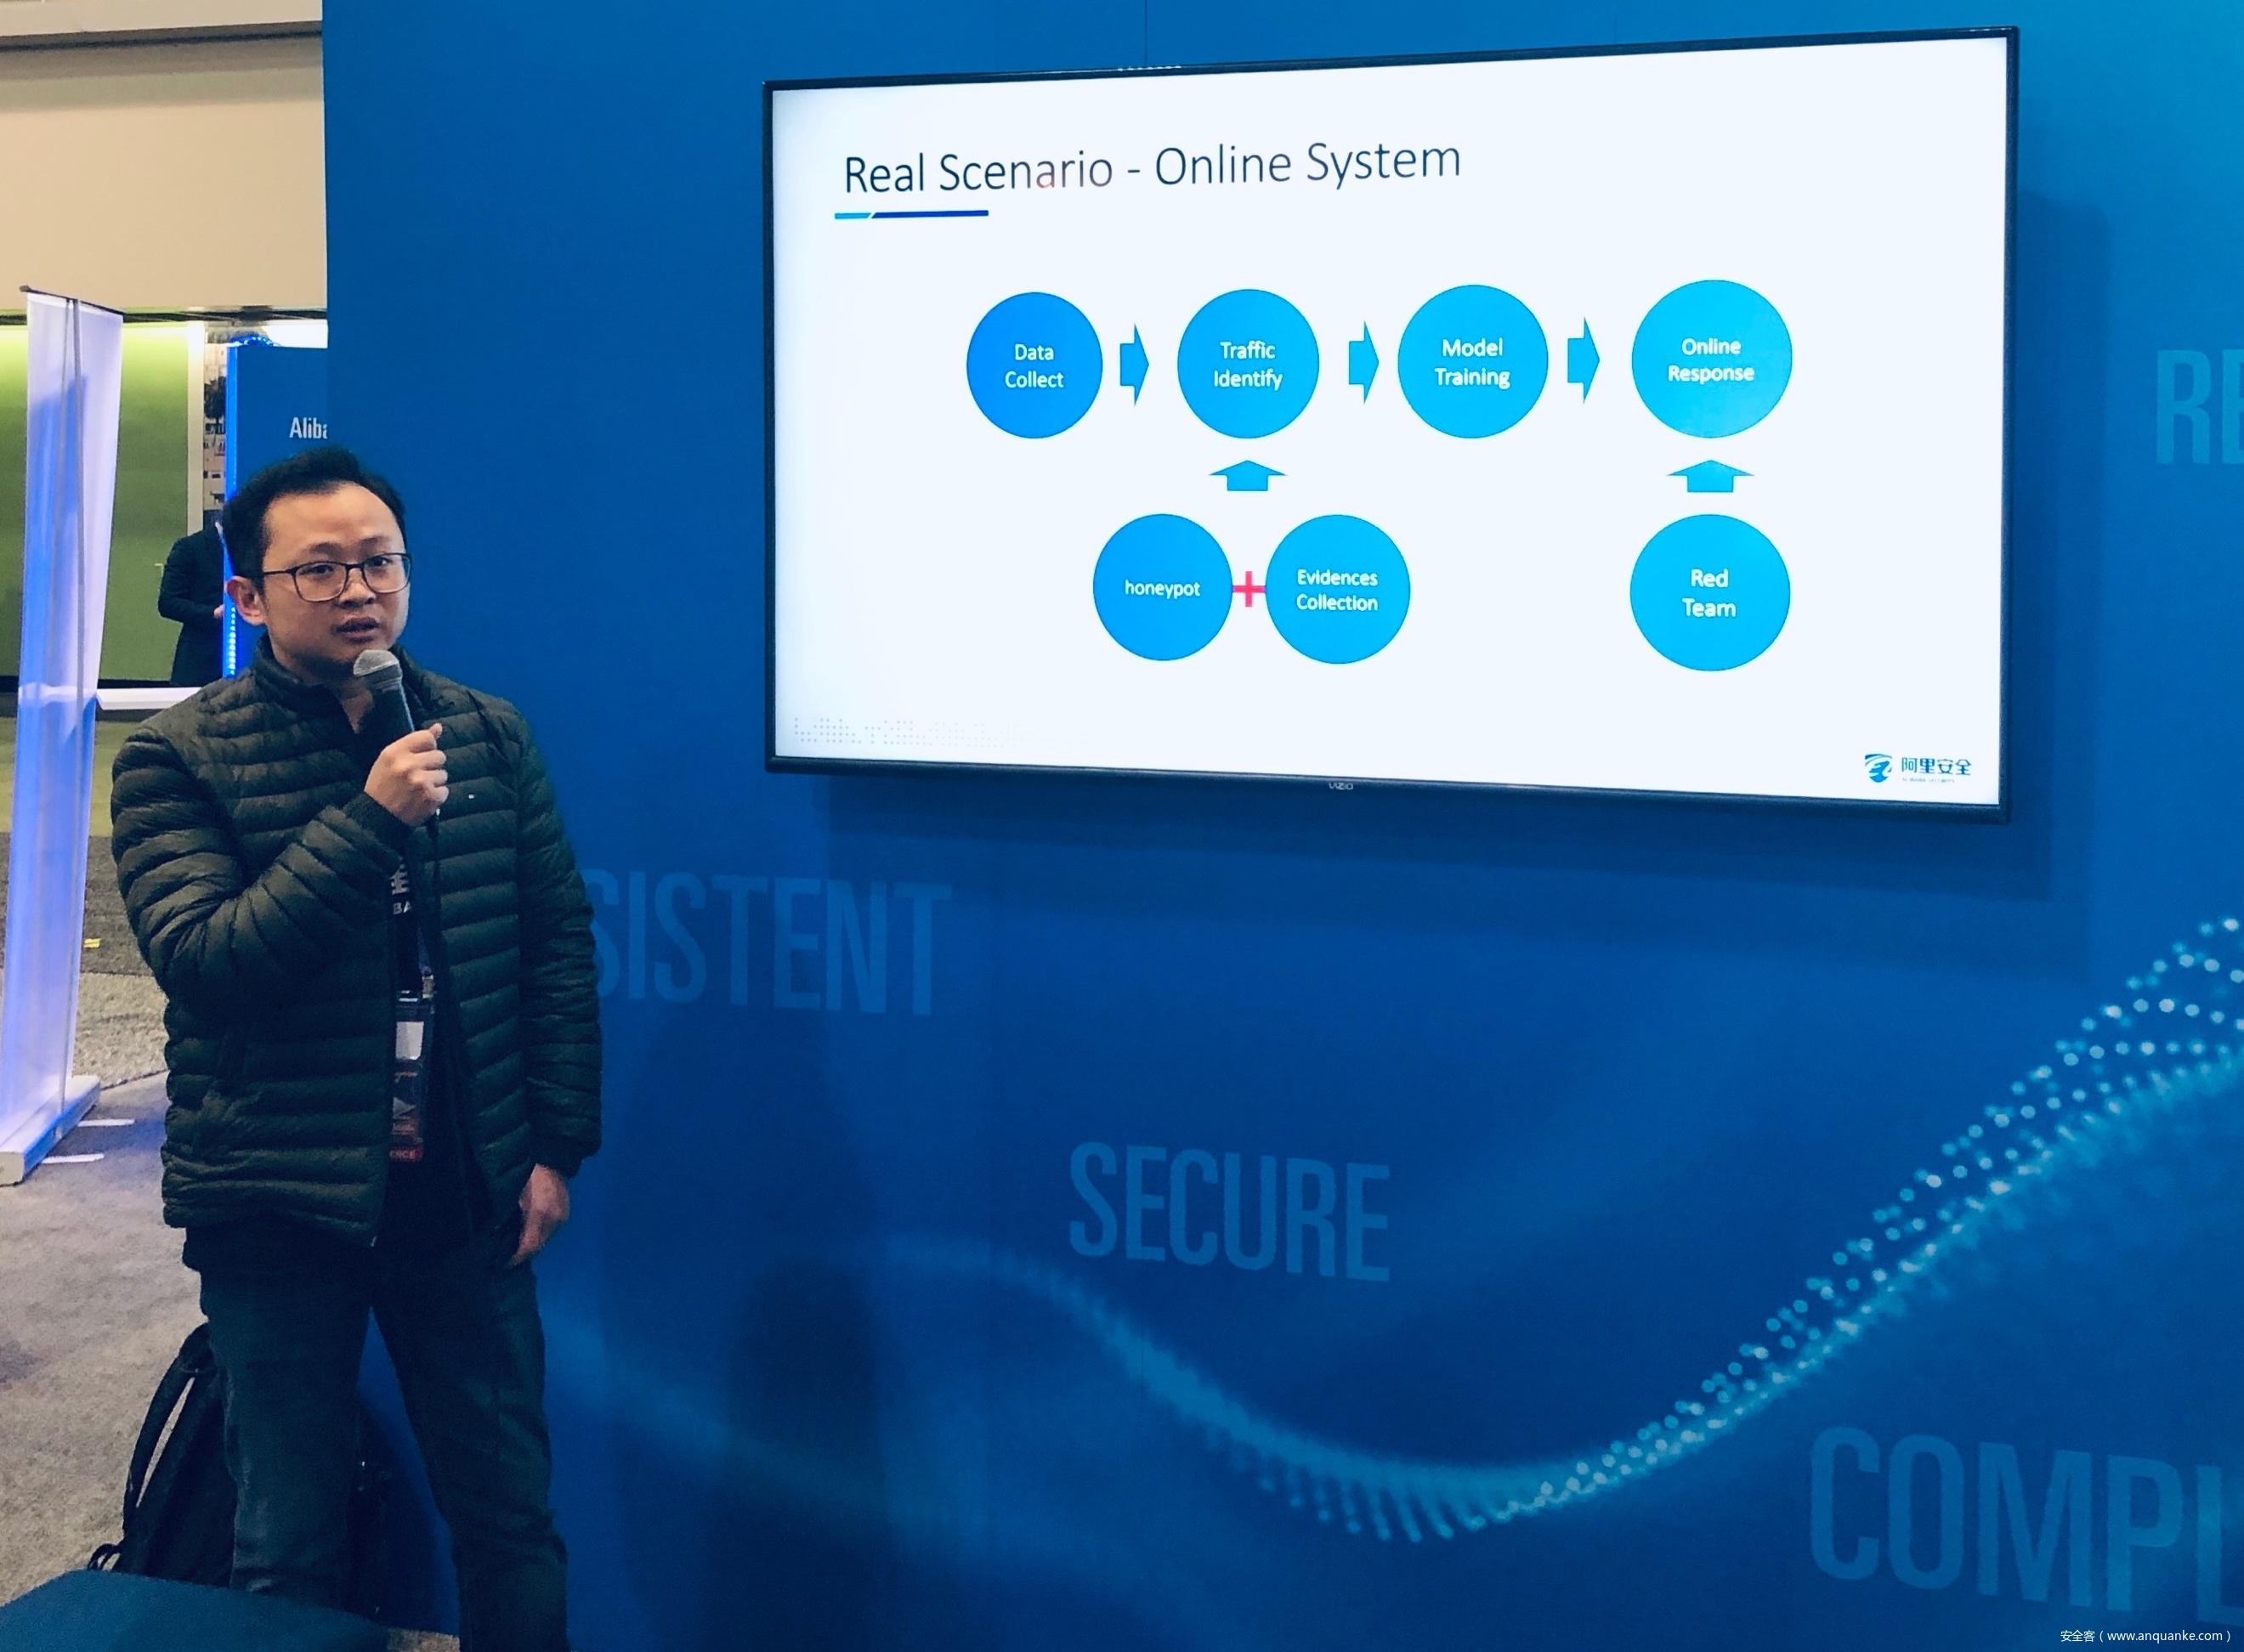 铁花:从RSA看安全技术未来 云安全生态及业务安全将成趋势 -互联网之家